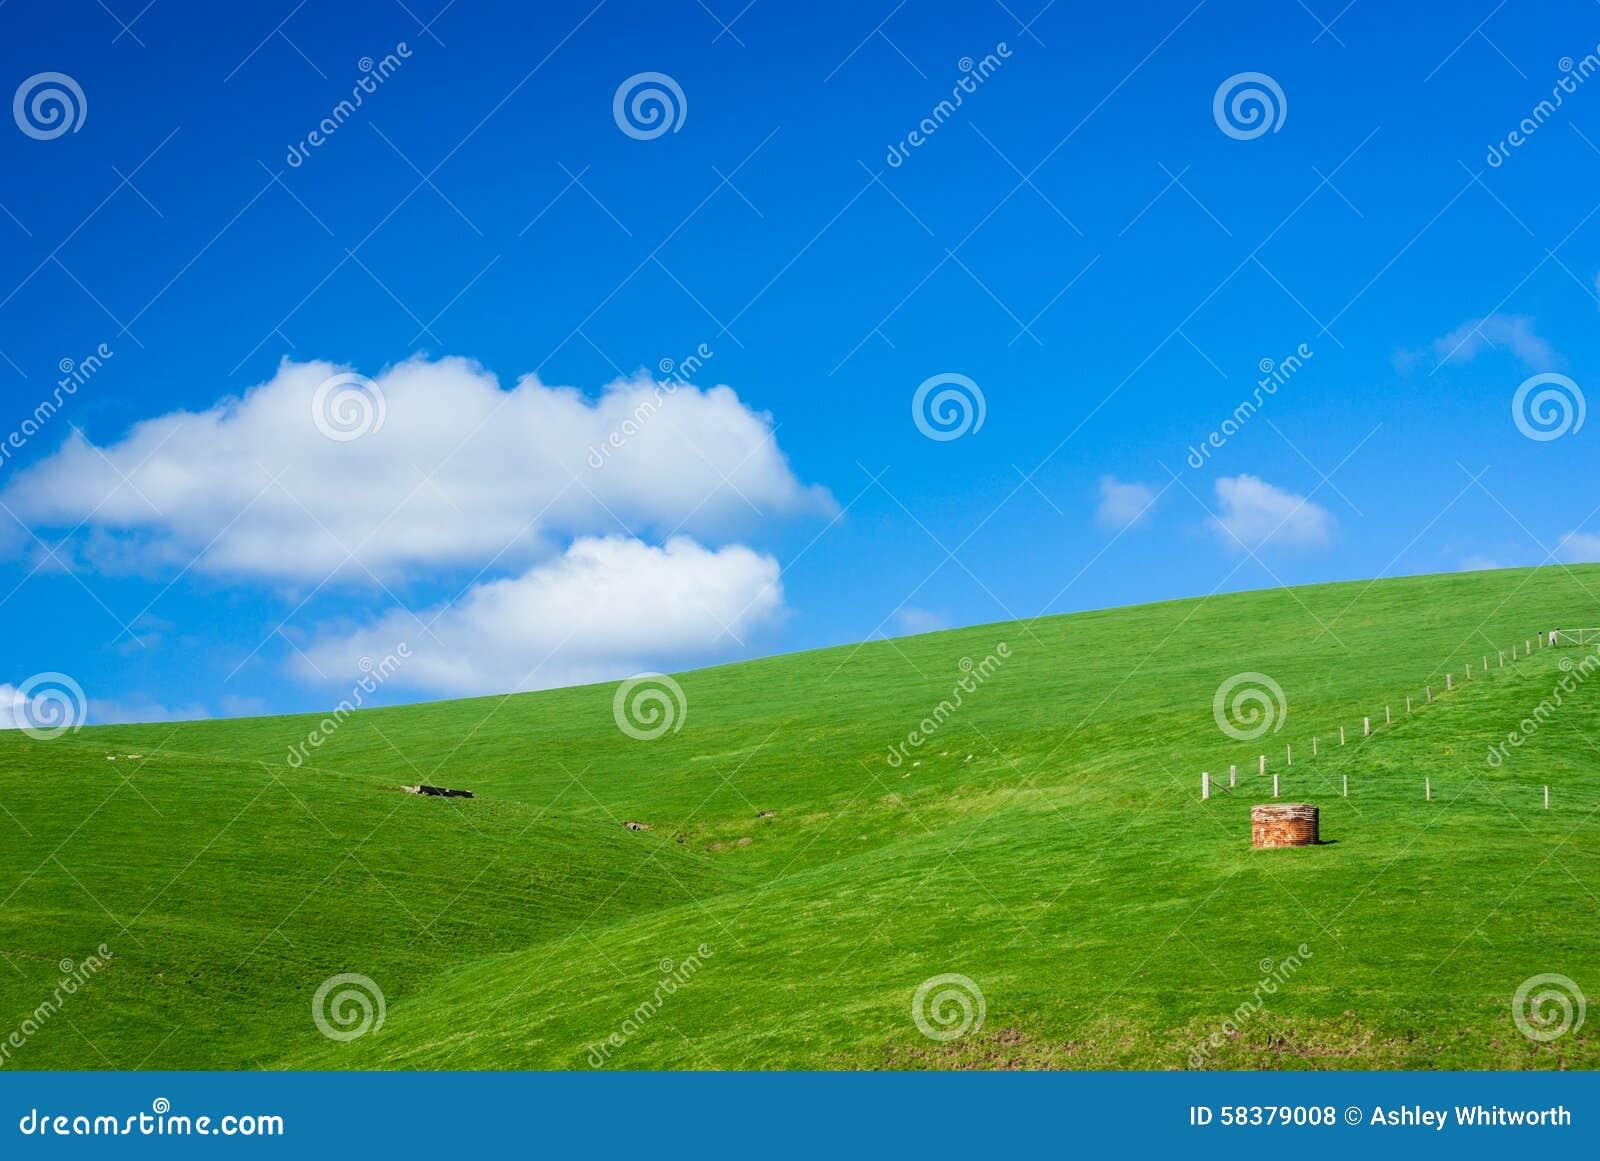 Hilly Farmland verde genérica